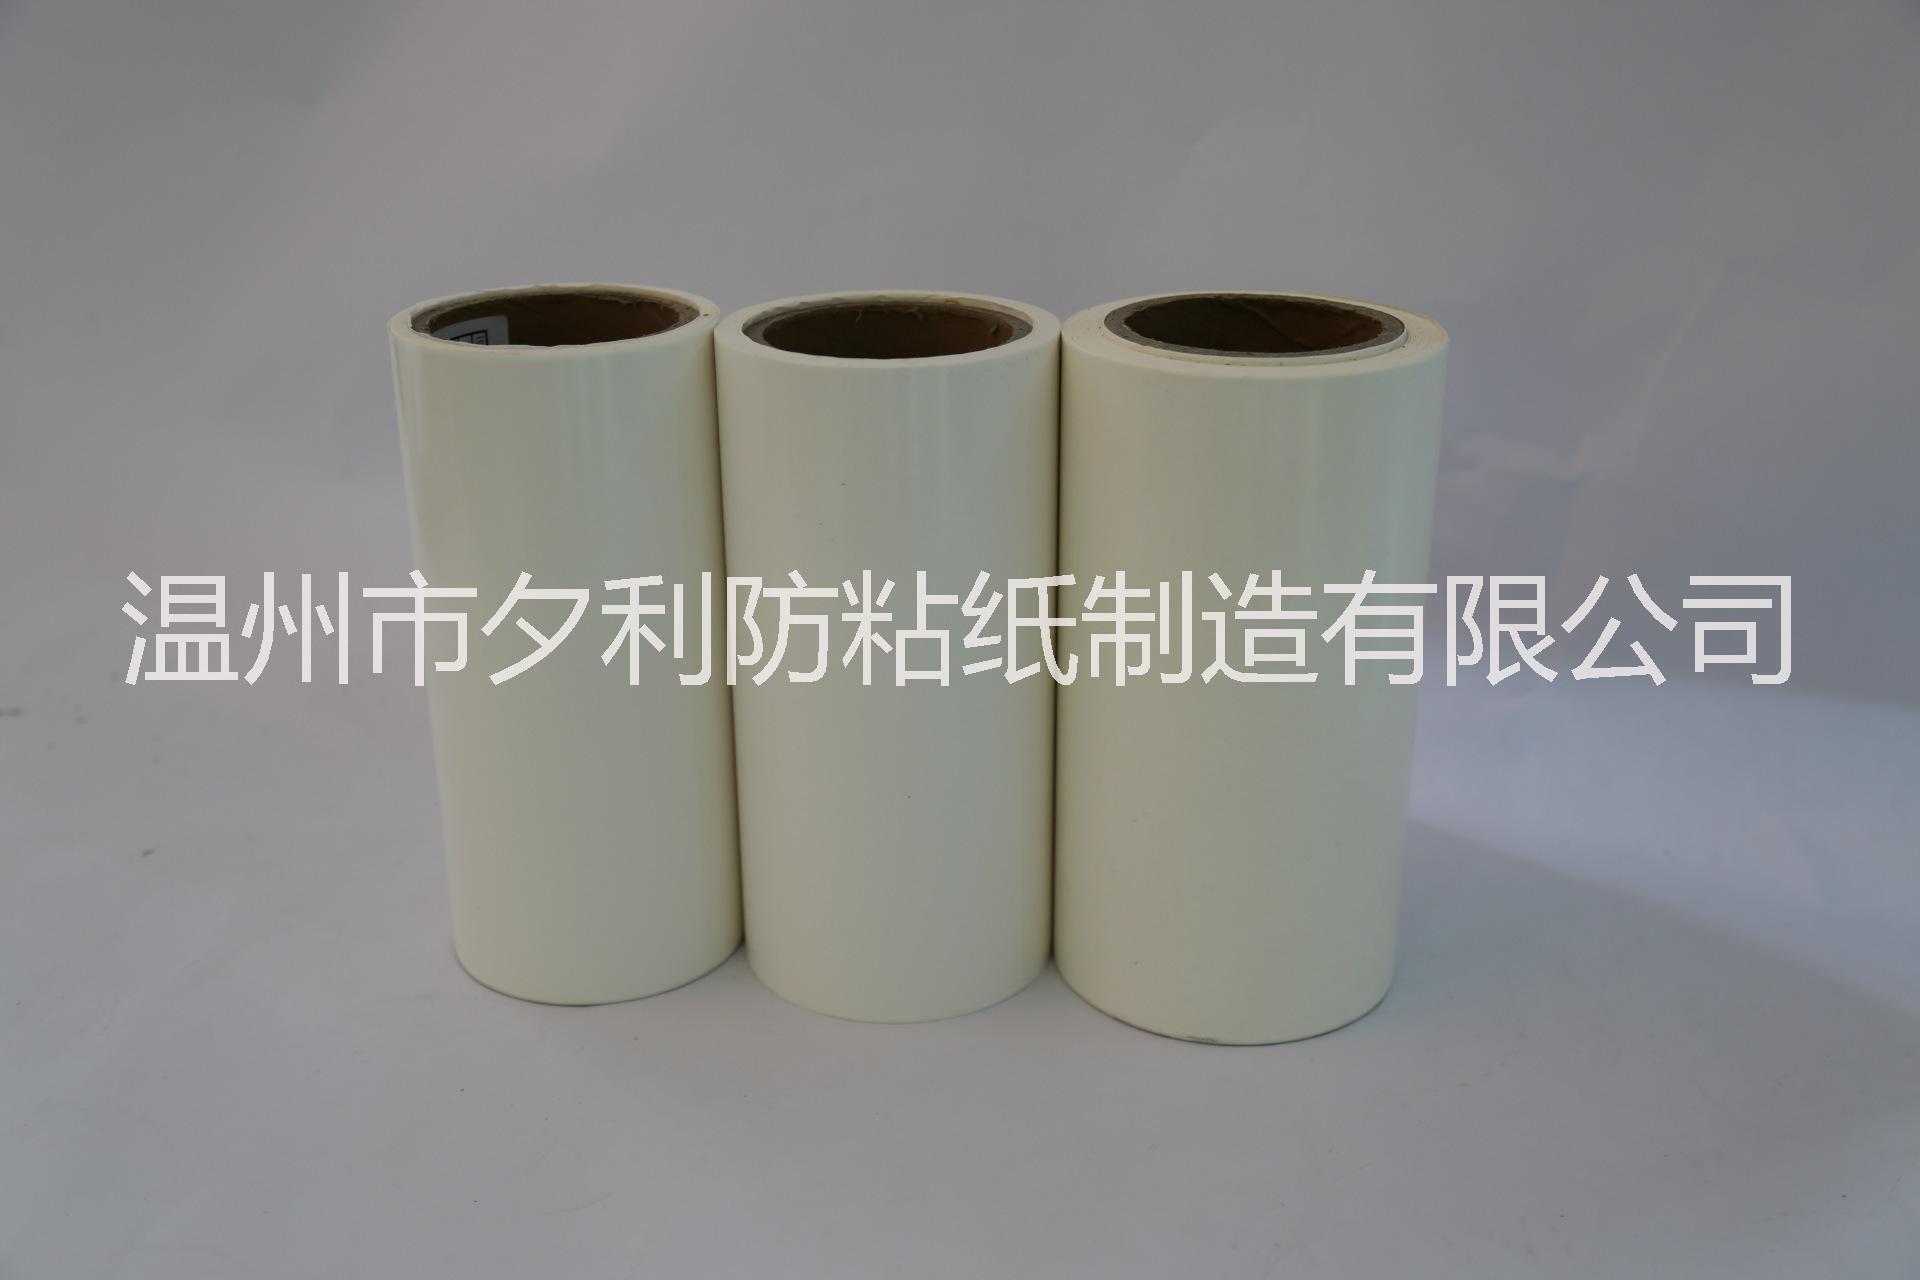 防水防油离型纸 进口单双面黄色离型纸 温州离型纸批发网 进口离型纸采购平台 温州离型纸厂家